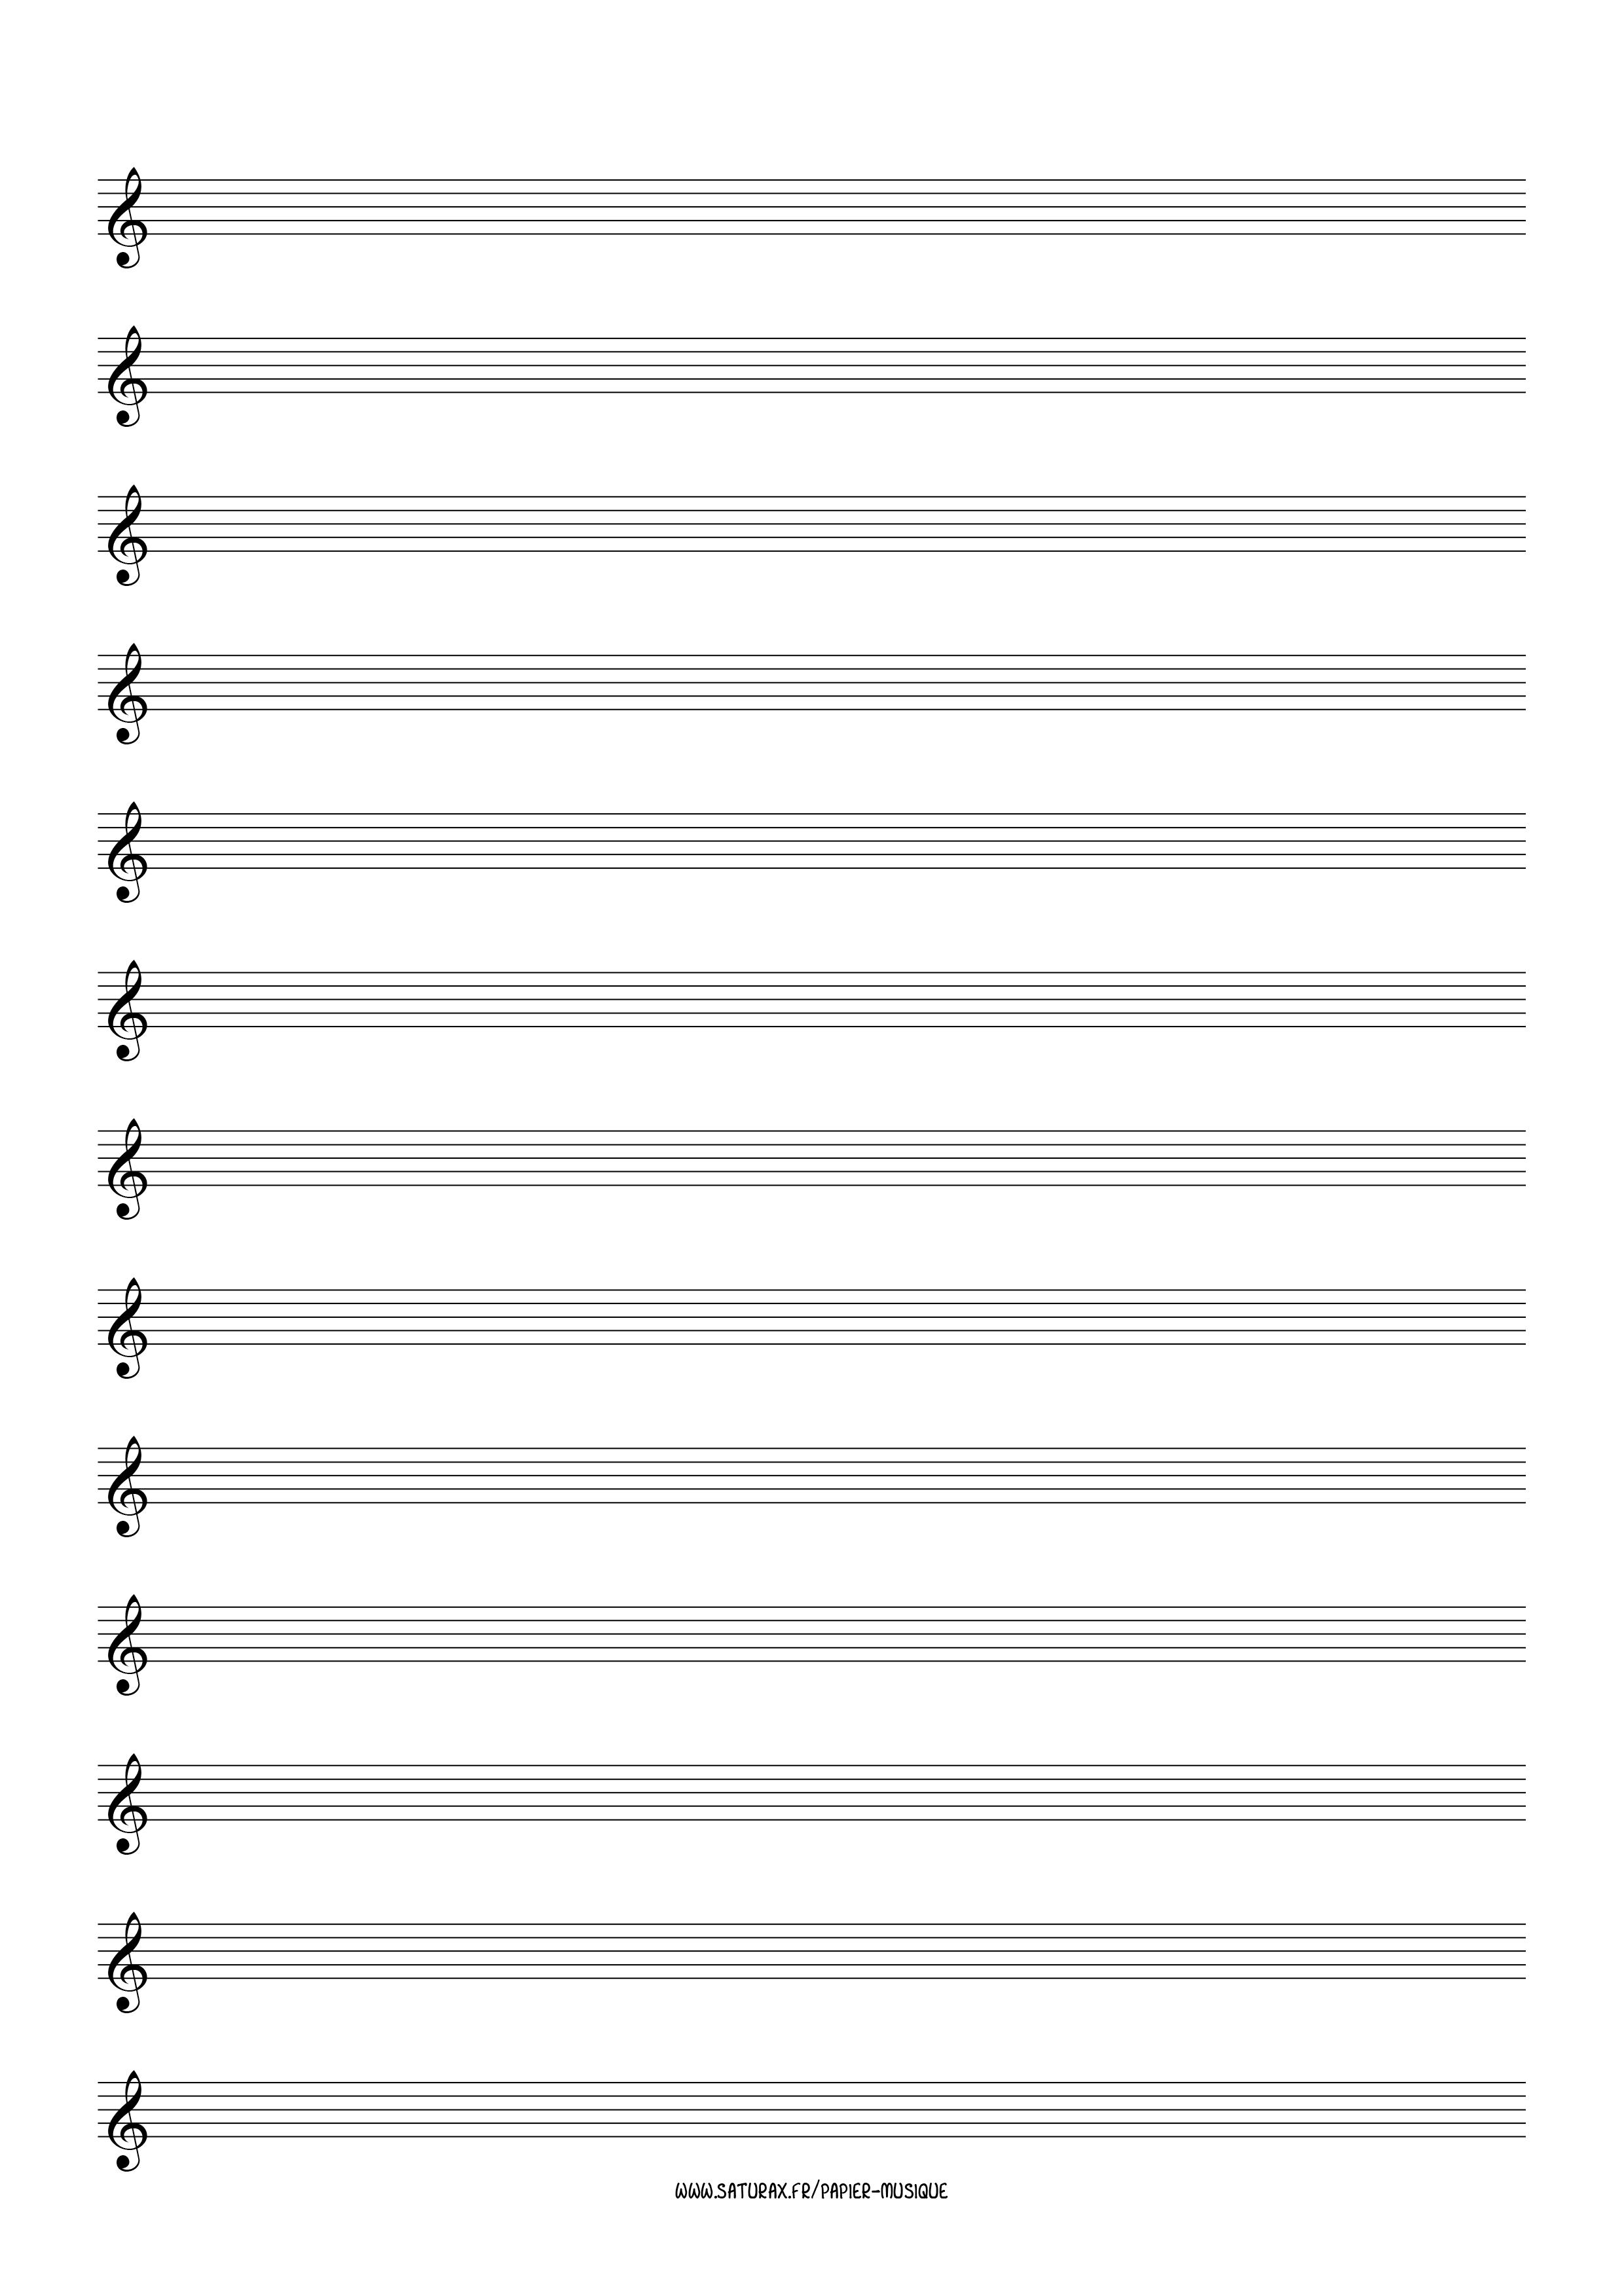 papier musique gratuit download pdf clé clef sol 1